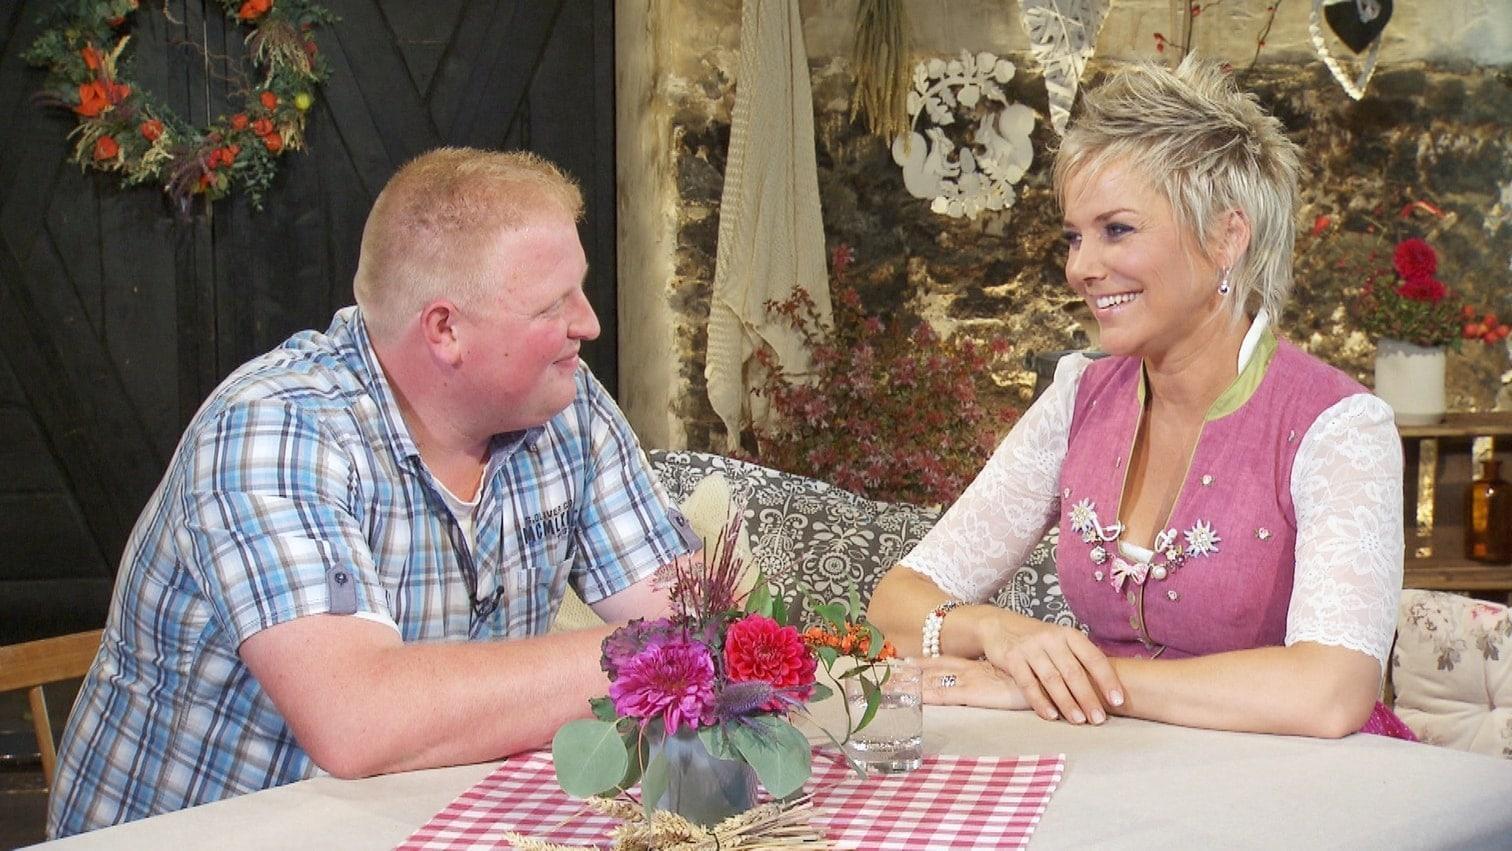 <p>Eine innige Beziehung führen hingegen Vollblut-Bauer Stephan und seine Steffi.</p> Foto: MG RTL D / Andreas Friese